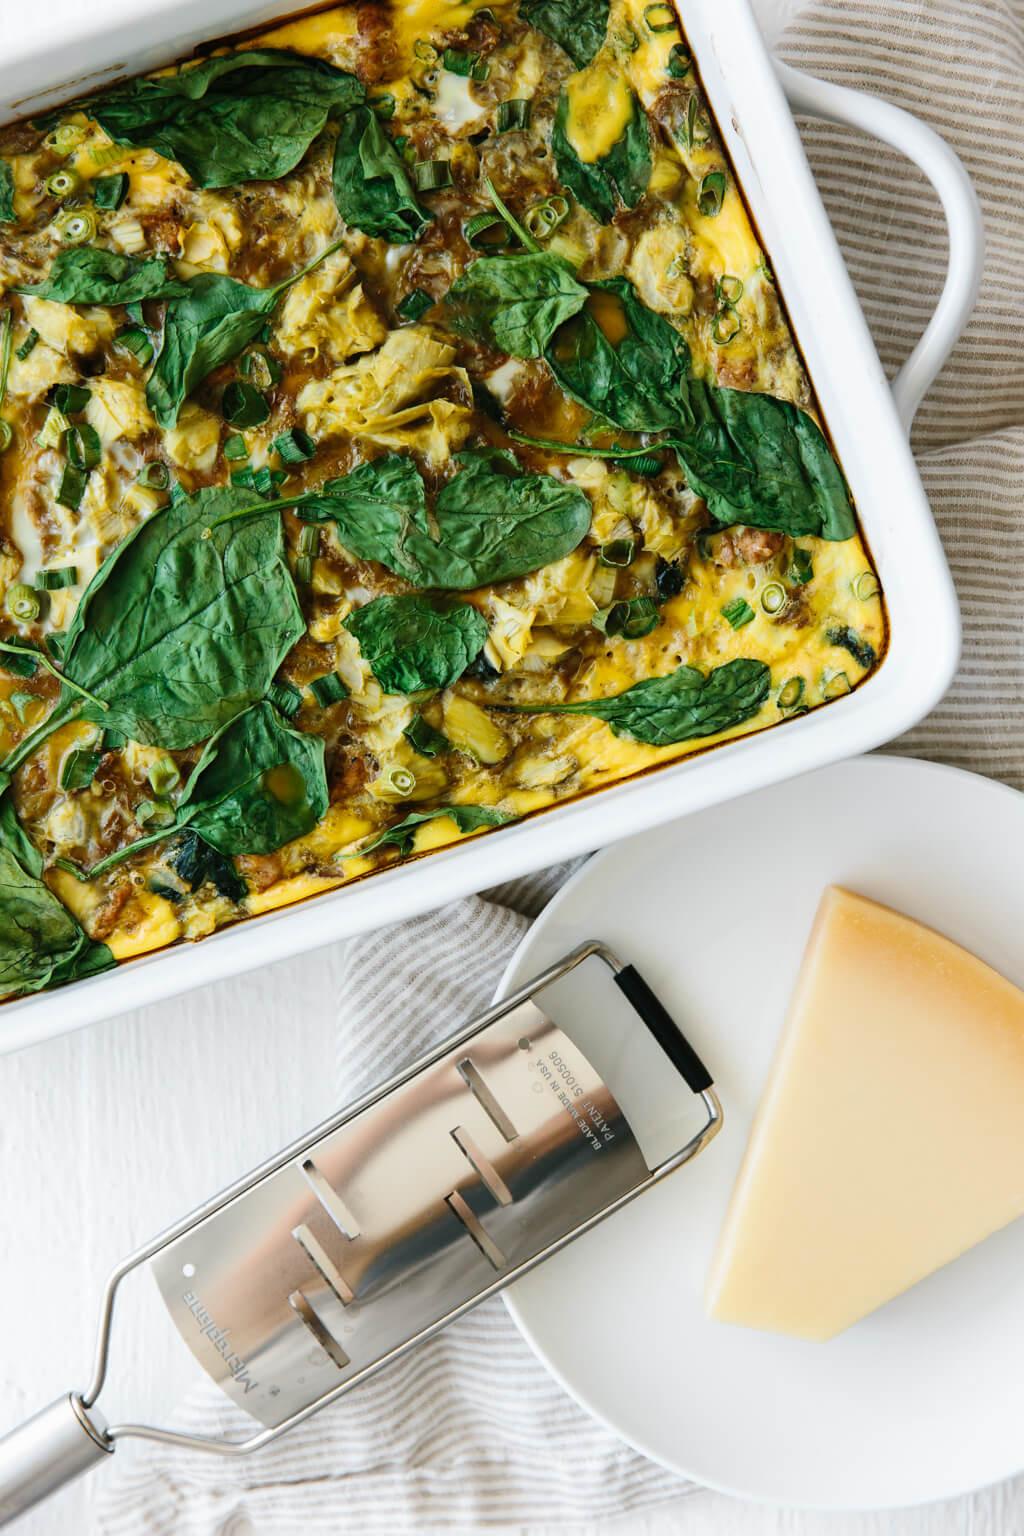 Healthy Breakfast Sides  Healthy Breakfast Casserole gluten free paleo